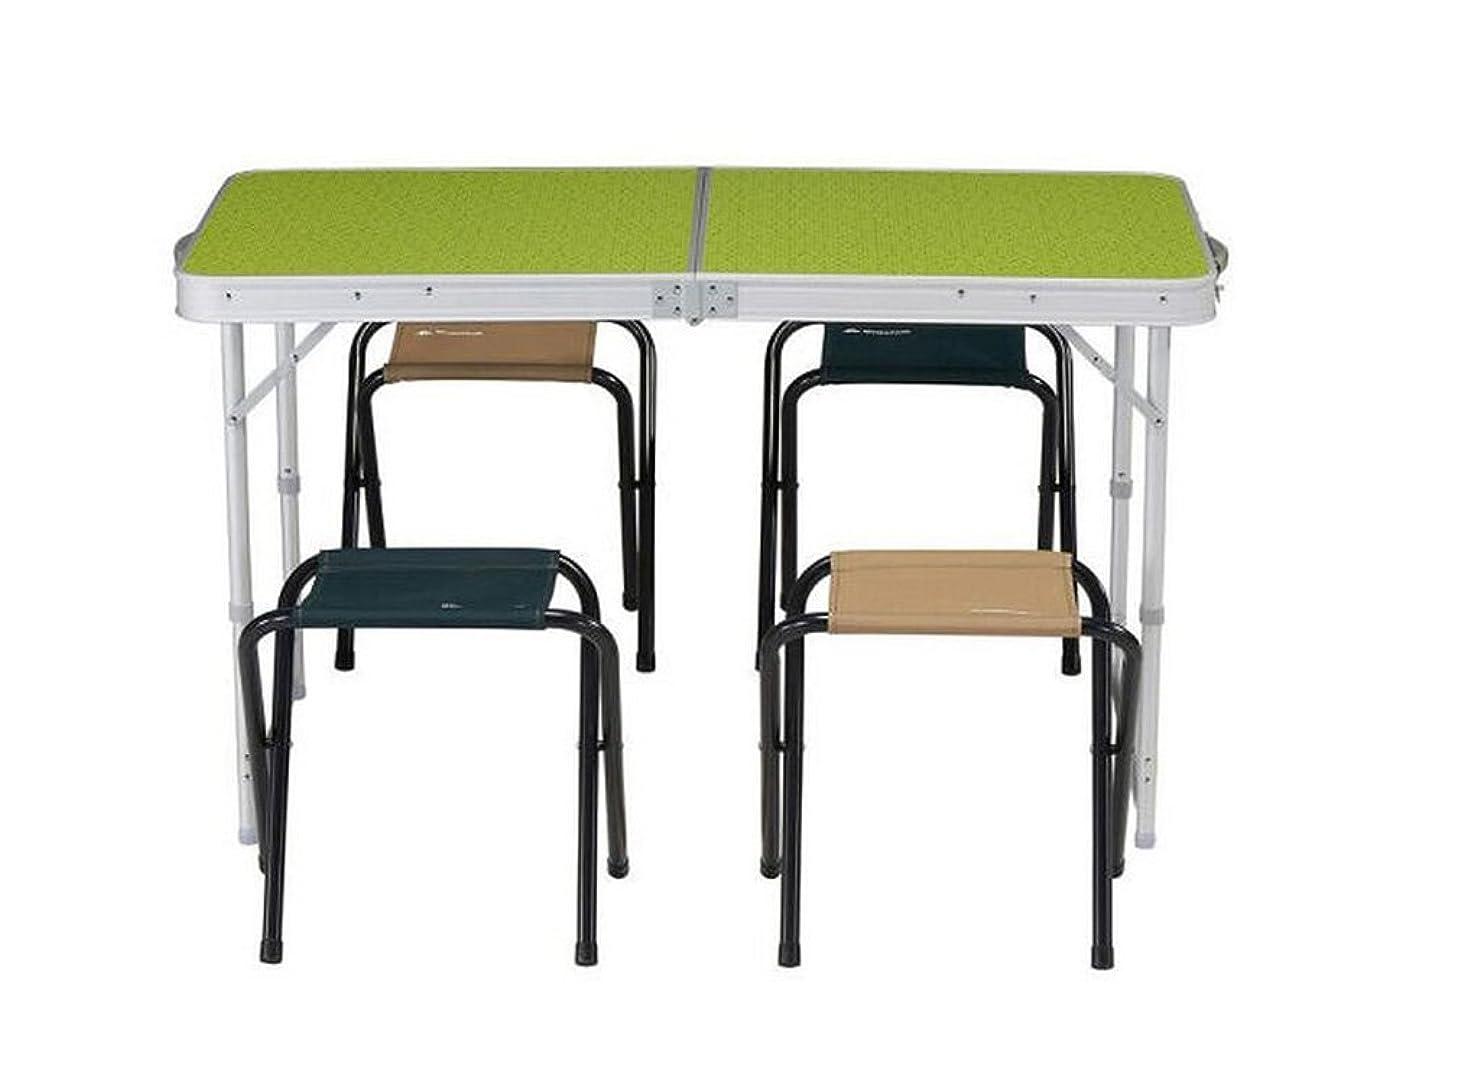 扱いやすい怖がらせるアサーラオハオ 屋外キャンプテーブル折りたたみテーブル屋外ポータブル折りたたみテーブルと椅子セット4-6人ブルー 表 (Color : Green)